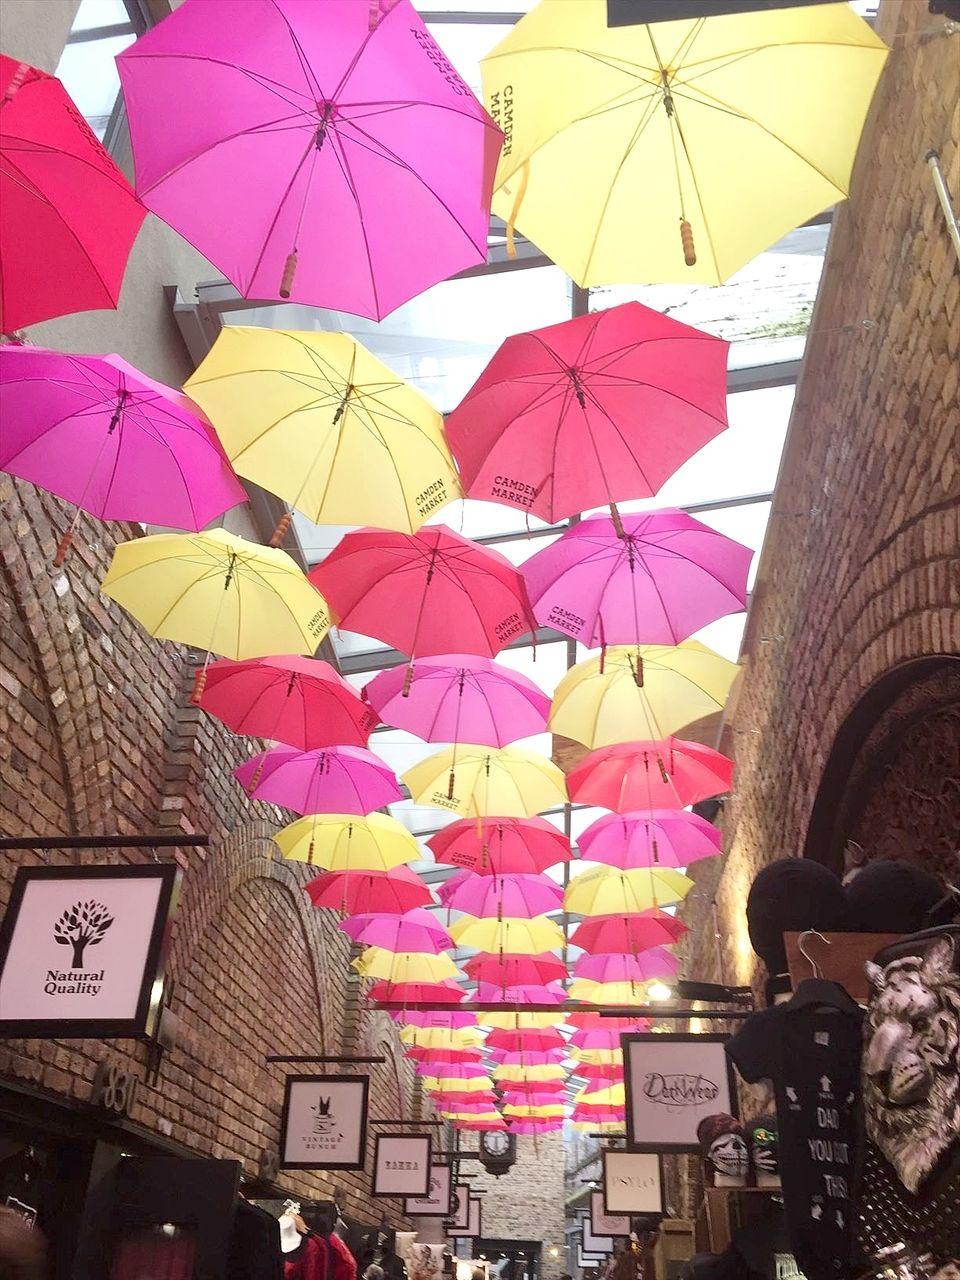 ロンドンのカムデンタウン マーケットの上がカラフルな傘に覆われていました